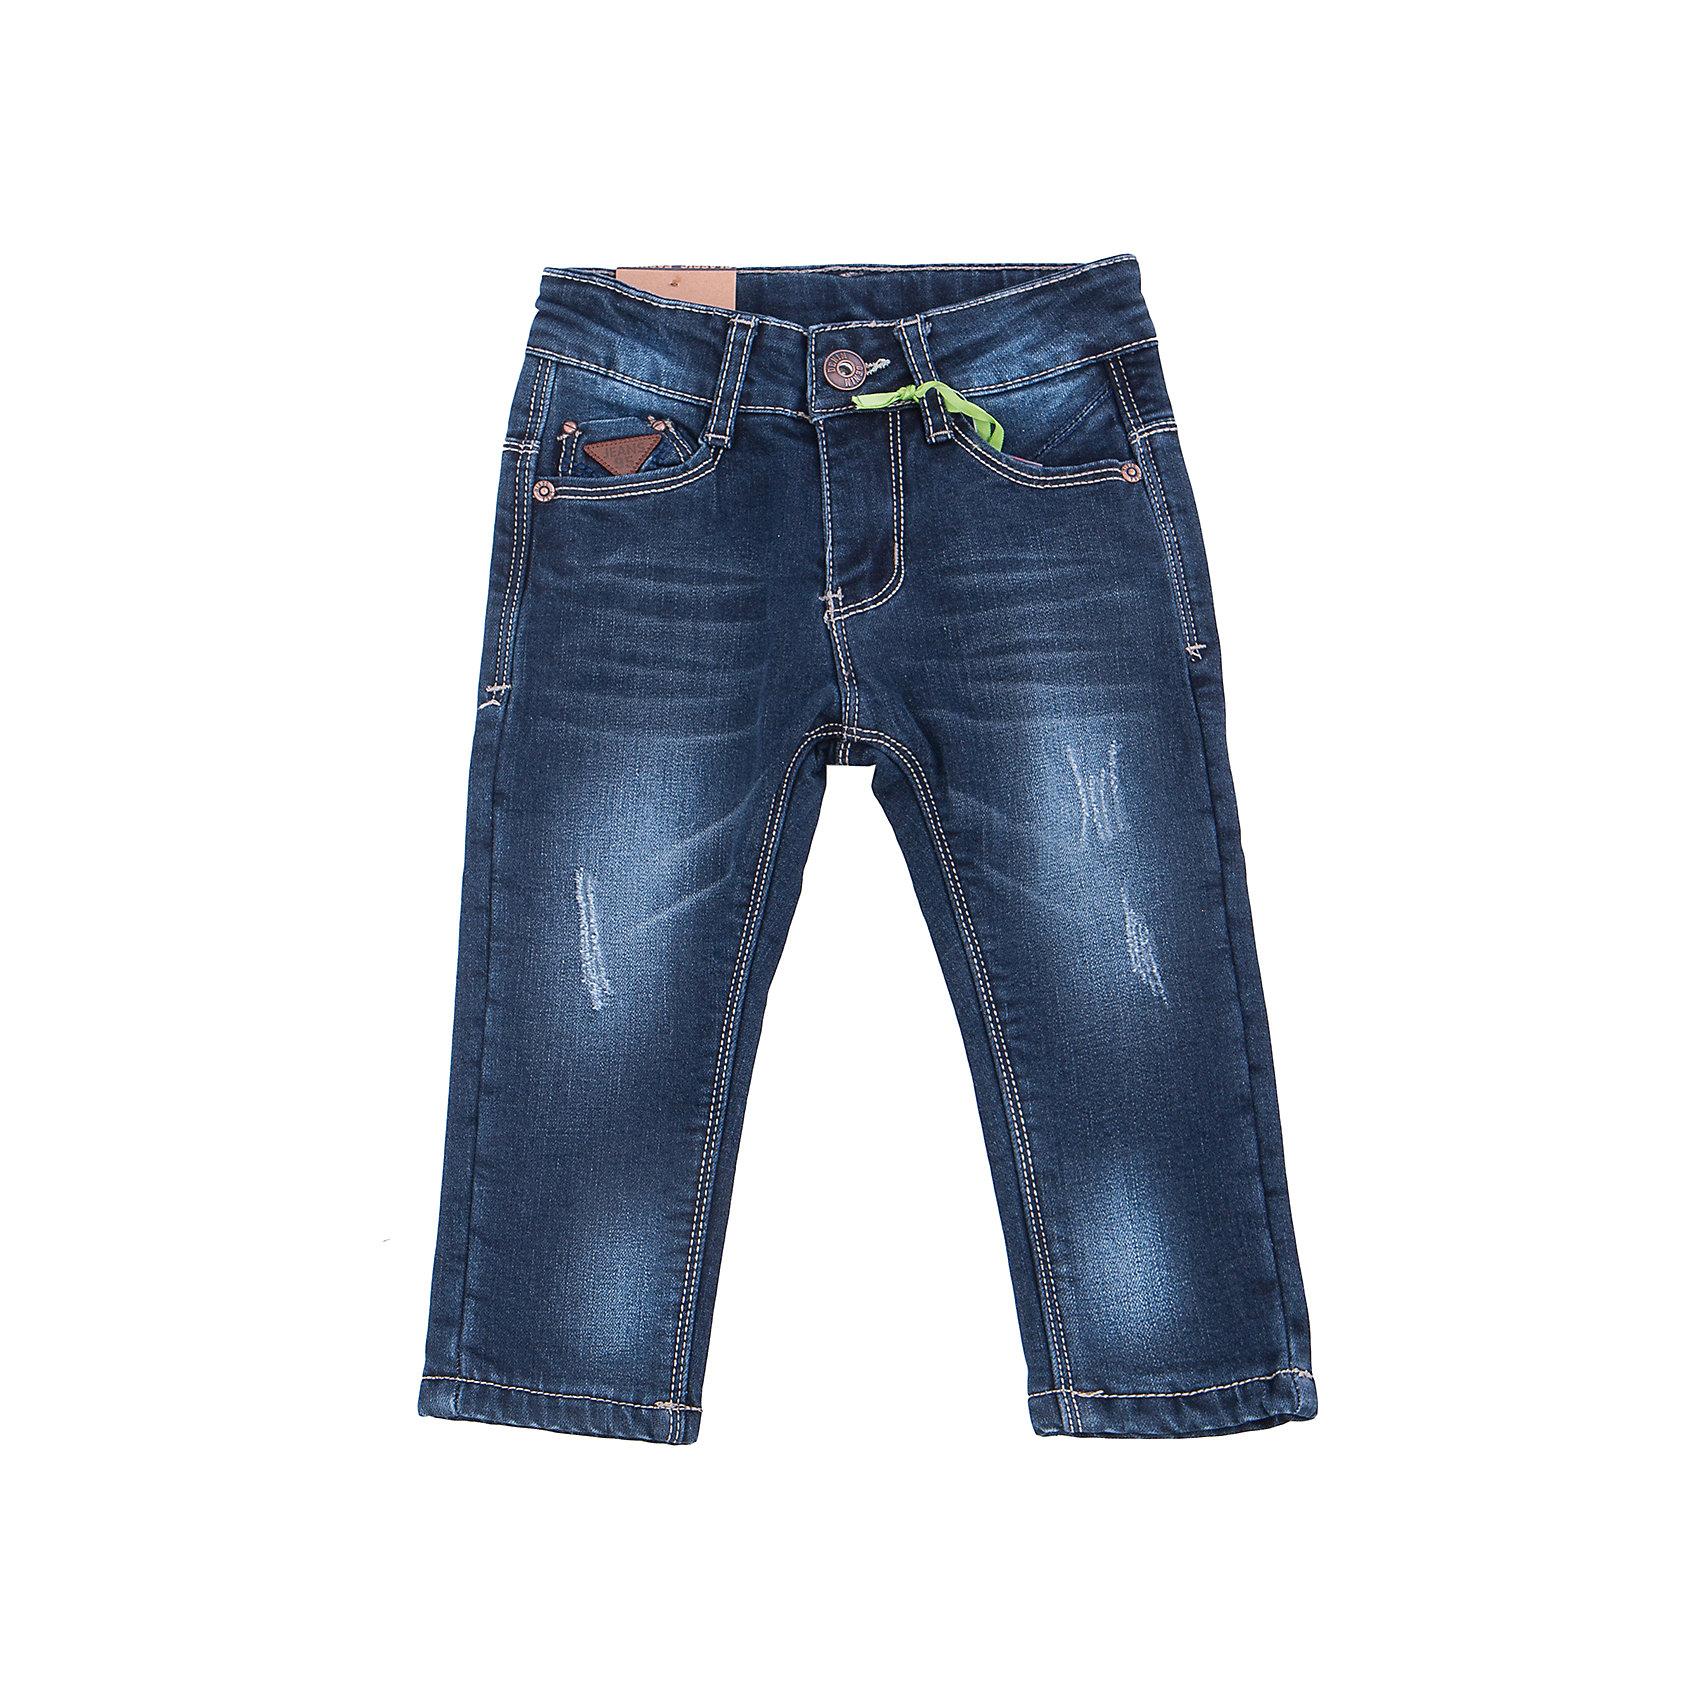 Джинсы для мальчика Sweet BerryТакая модель джинсов для мальчика отличается модным дизайном с контрастной прострочкой. Удачный крой обеспечит ребенку комфорт и тепло. Мягкая и теплая хлопковая подкладка делает вещь идеальной для прохладной погоды. Она плотно прилегает к телу там, где нужно, и отлично сидит по фигуре. Джинсы имеют регулировку размера на талии и удобные карманы.<br><br>Одежда от бренда Sweet Berry - это простой и выгодный способ одеть ребенка удобно и стильно. Всё изделия тщательно проработаны: швы - прочные, материал - качественный, фурнитура - подобранная специально для детей. <br><br>Дополнительная информация:<br><br>цвет: синий;<br>имитация потертостей;<br>материал: верх - 98% хлопок, 2% эластан, подкладка - 100% полиэстер;<br>внутри на поясе - регулировка размера;<br>карманы.<br><br>Джинсы для мальчика от бренда Sweet Berry можно купить в нашем интернет-магазине.<br><br>Ширина мм: 215<br>Глубина мм: 88<br>Высота мм: 191<br>Вес г: 336<br>Цвет: синий<br>Возраст от месяцев: 12<br>Возраст до месяцев: 15<br>Пол: Мужской<br>Возраст: Детский<br>Размер: 98,92,86,80<br>SKU: 4929932